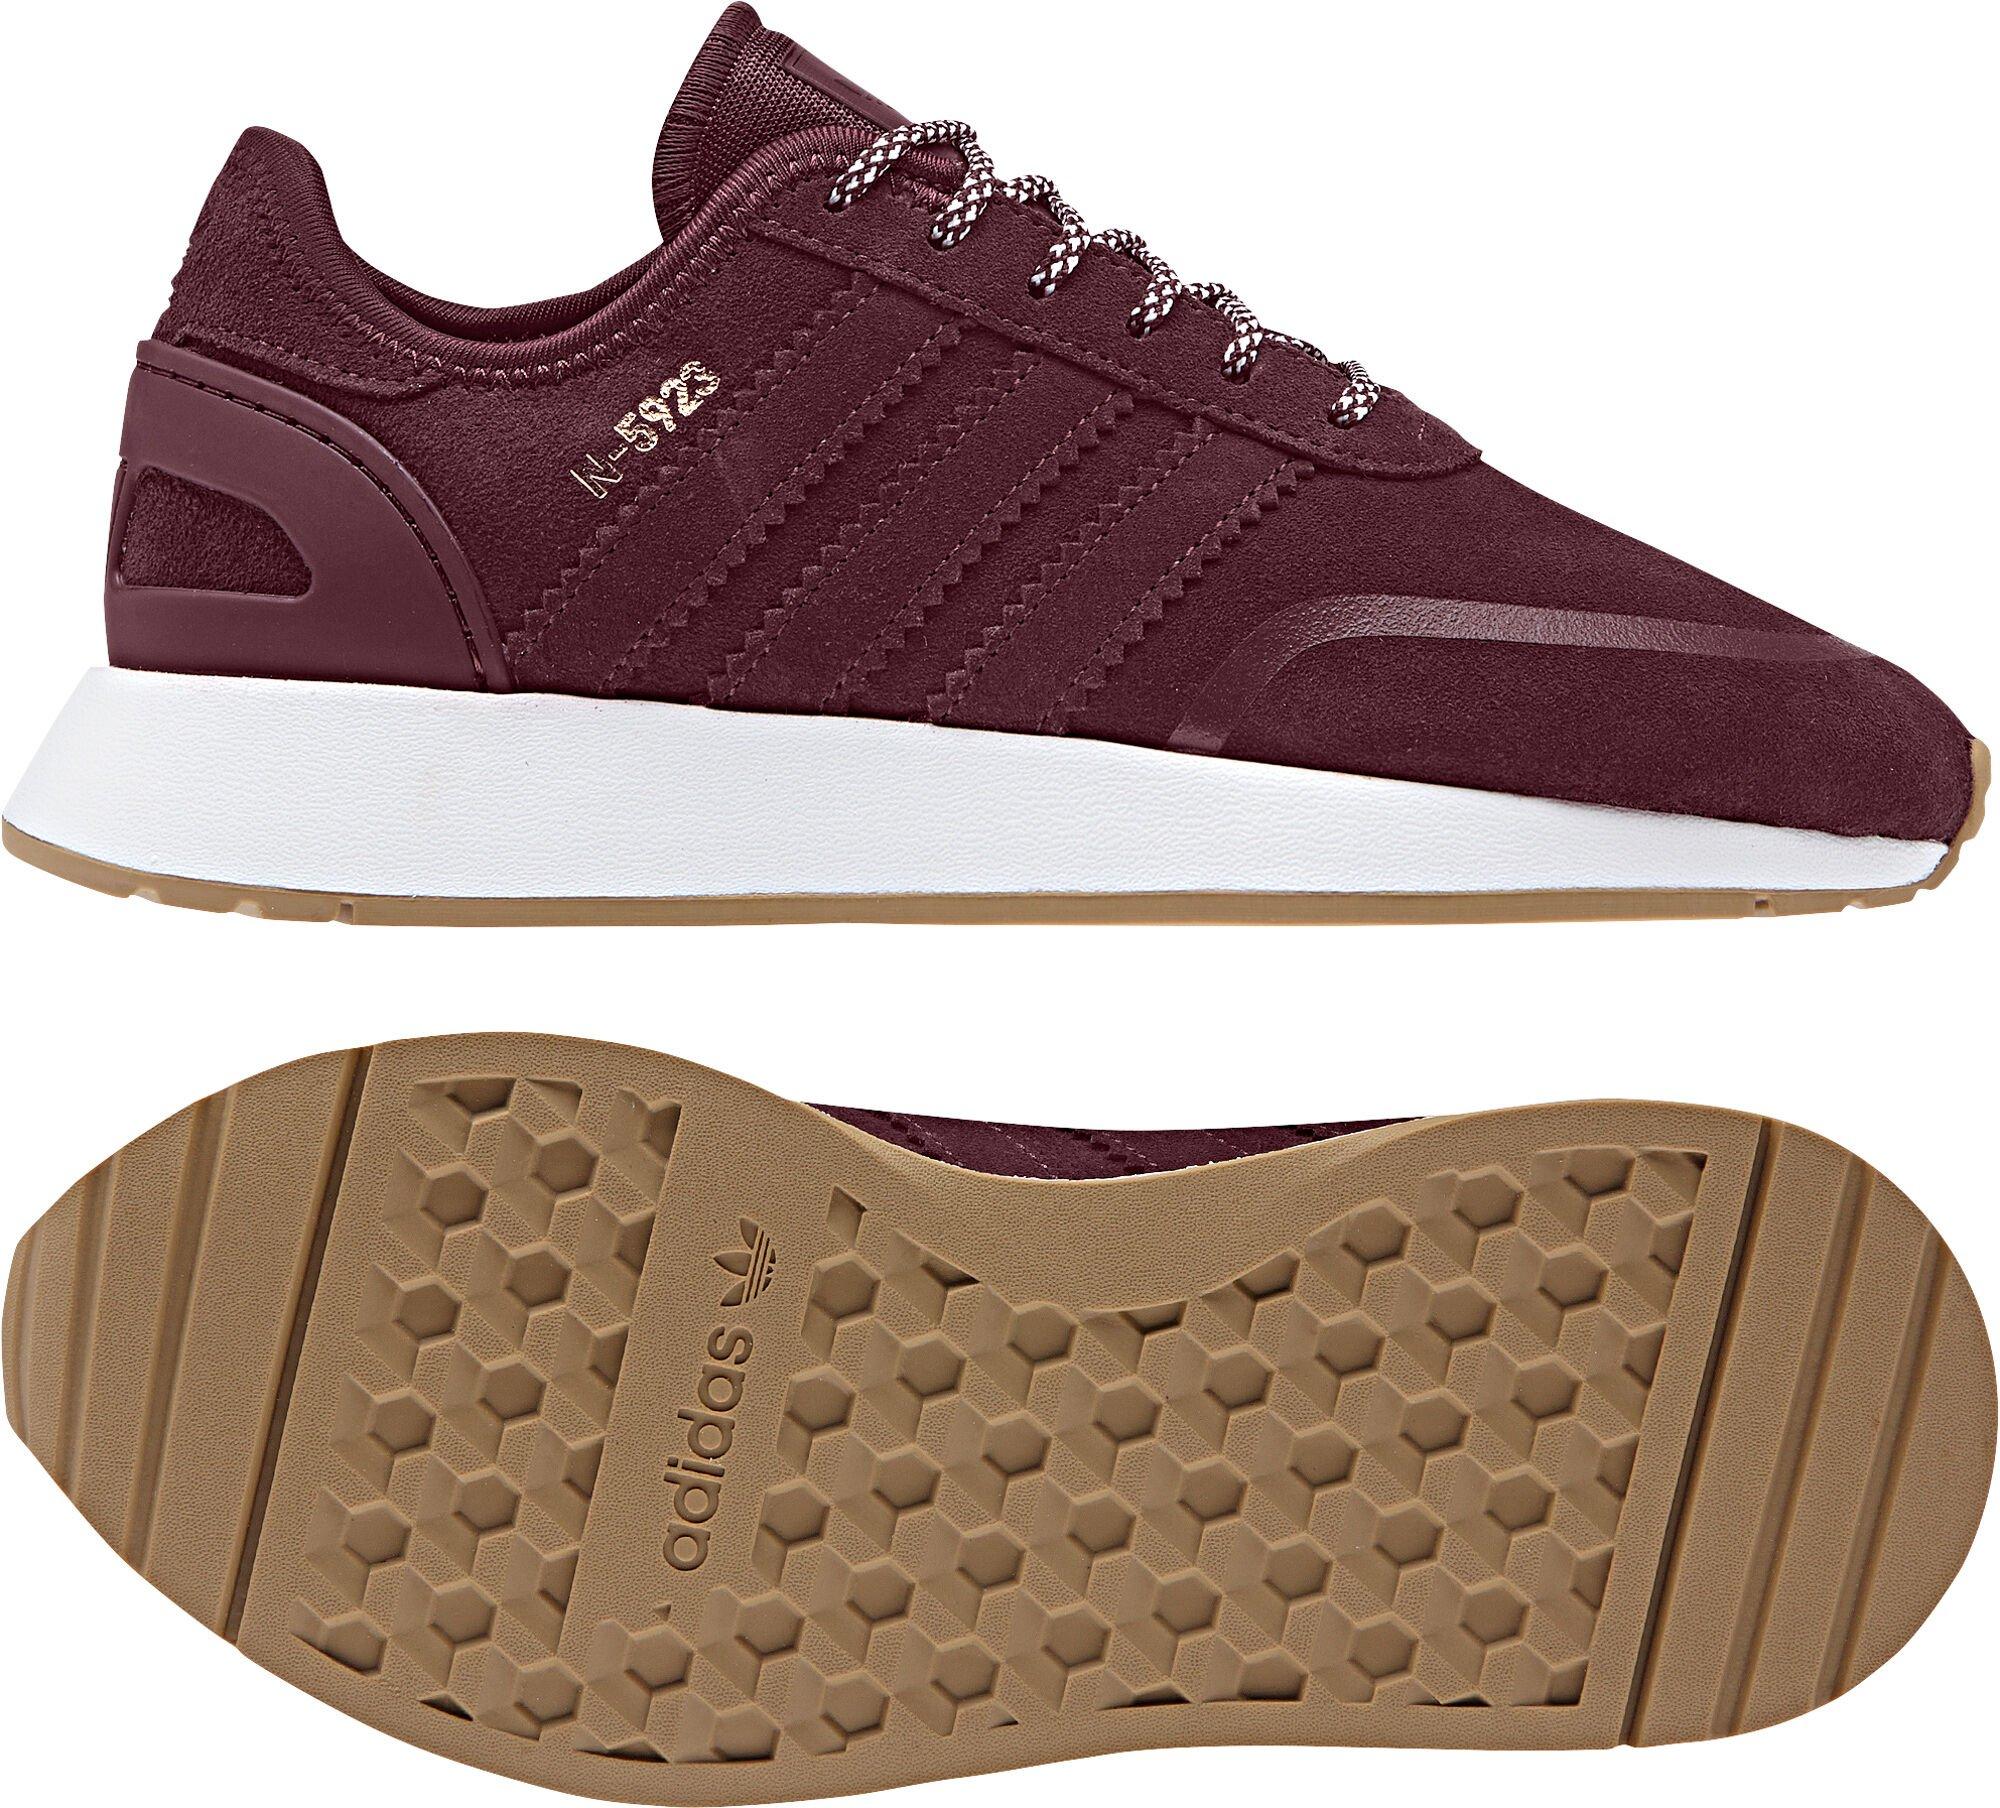 Adidas N-5923 jongens sneakers @ The Athlete's Foot